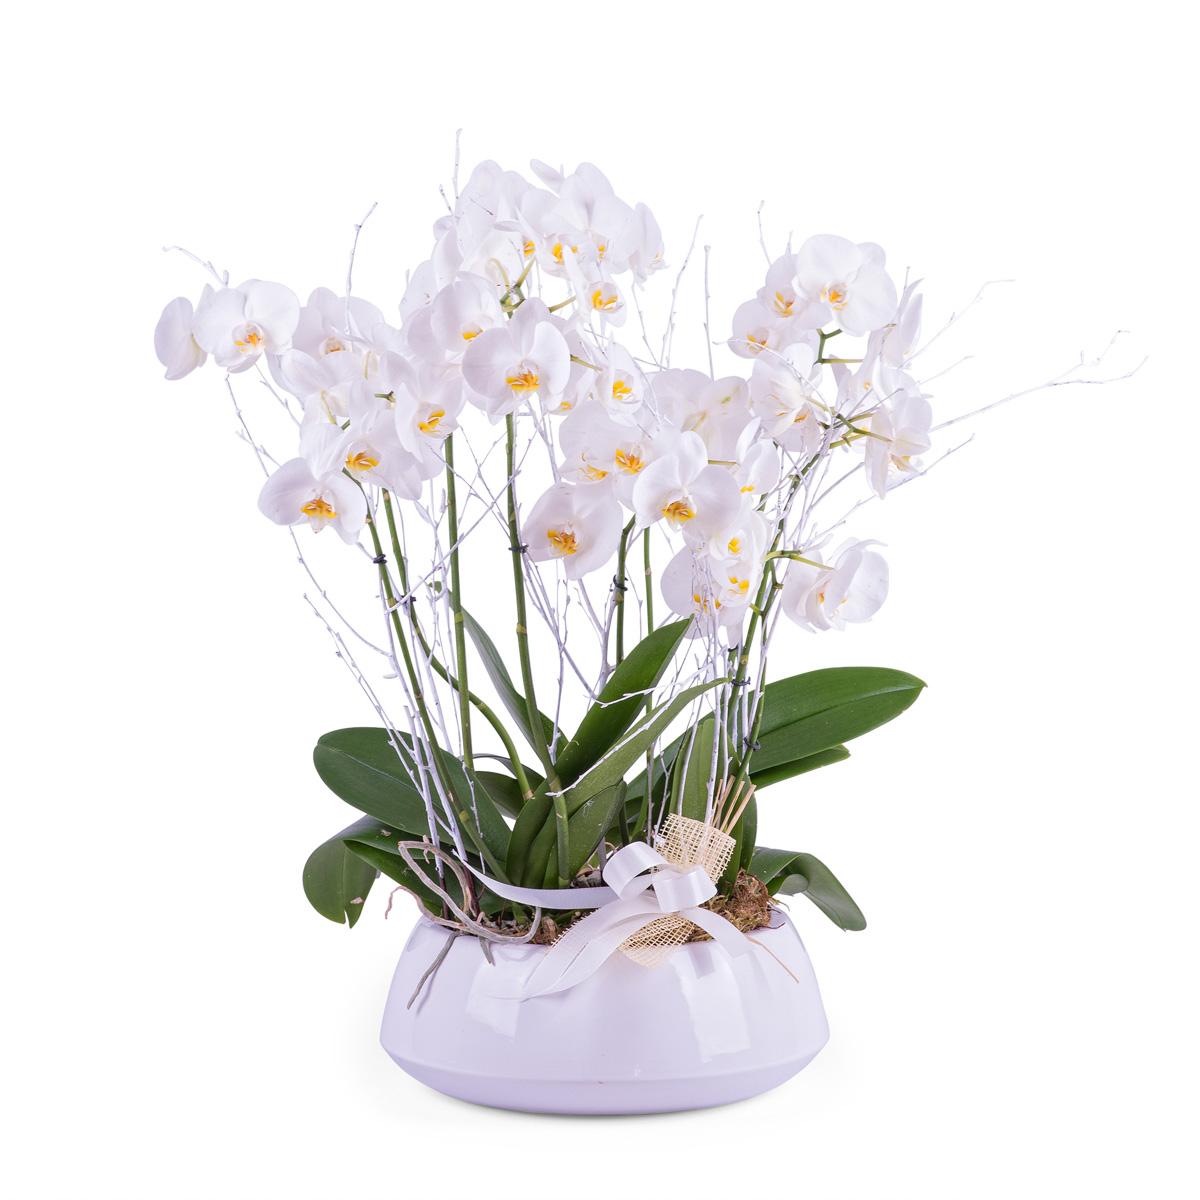 Centro de plantas de Phalaenopsis blancas - Env?o de Flores a Domicilio